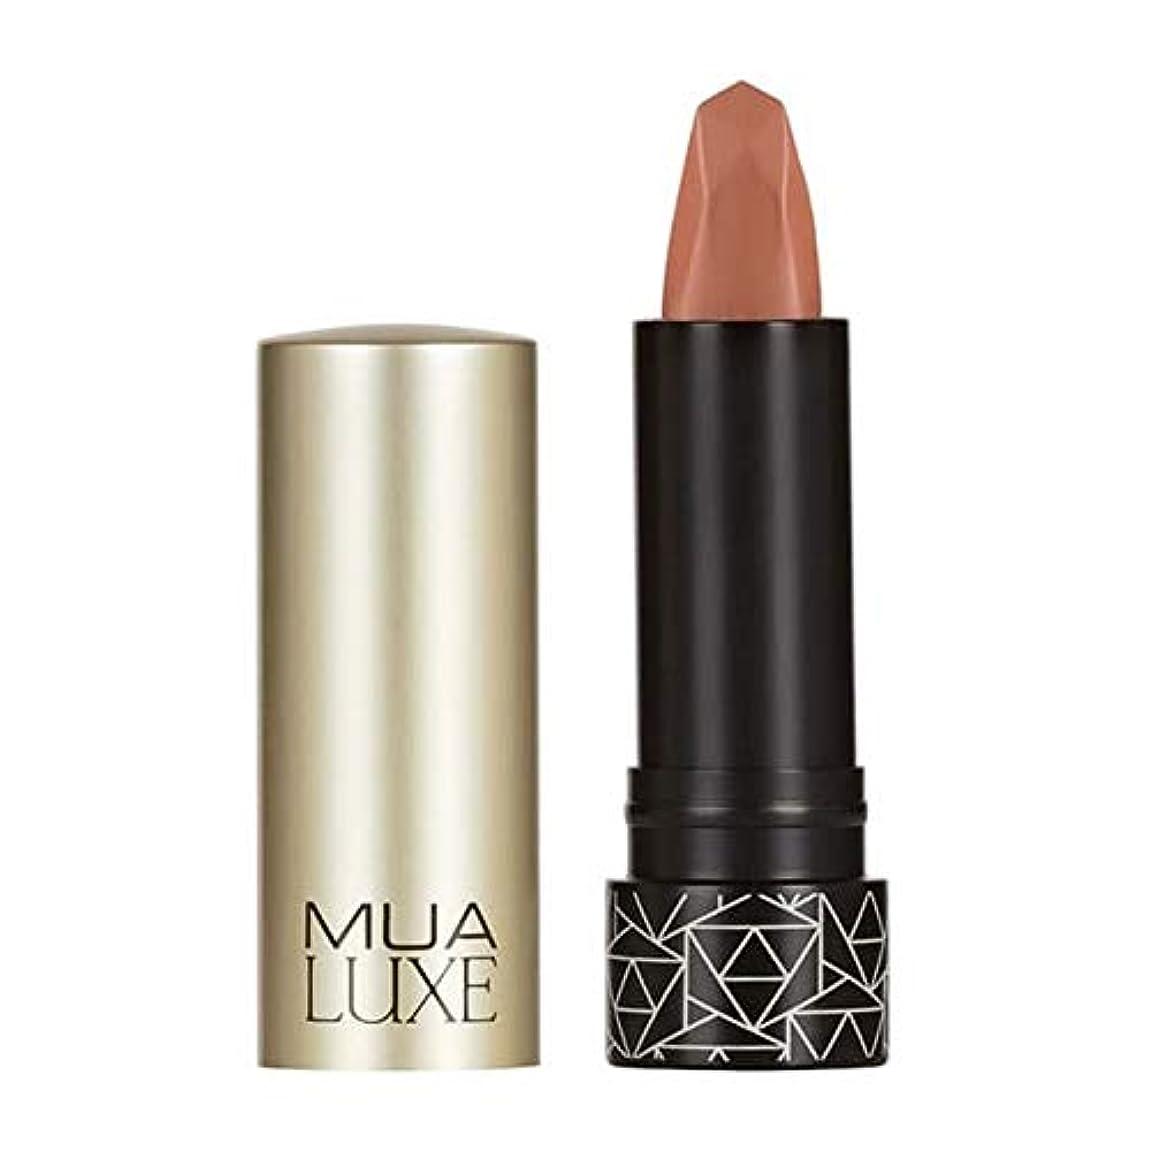 スクリュー破壊的な司法[MUA] Muaラックスベルベットマットリップスティック#10 - MUA Luxe Velvet Matte Lipstick #10 [並行輸入品]